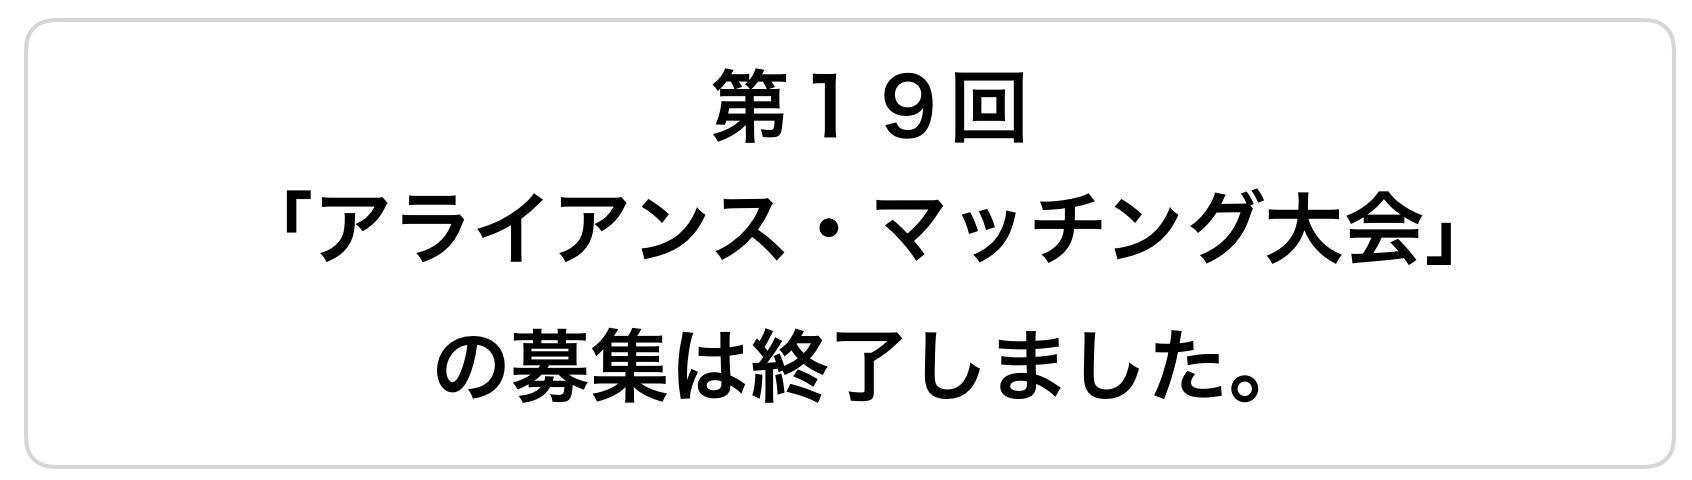 スクリーンショット 2018-03-05 15.39.38